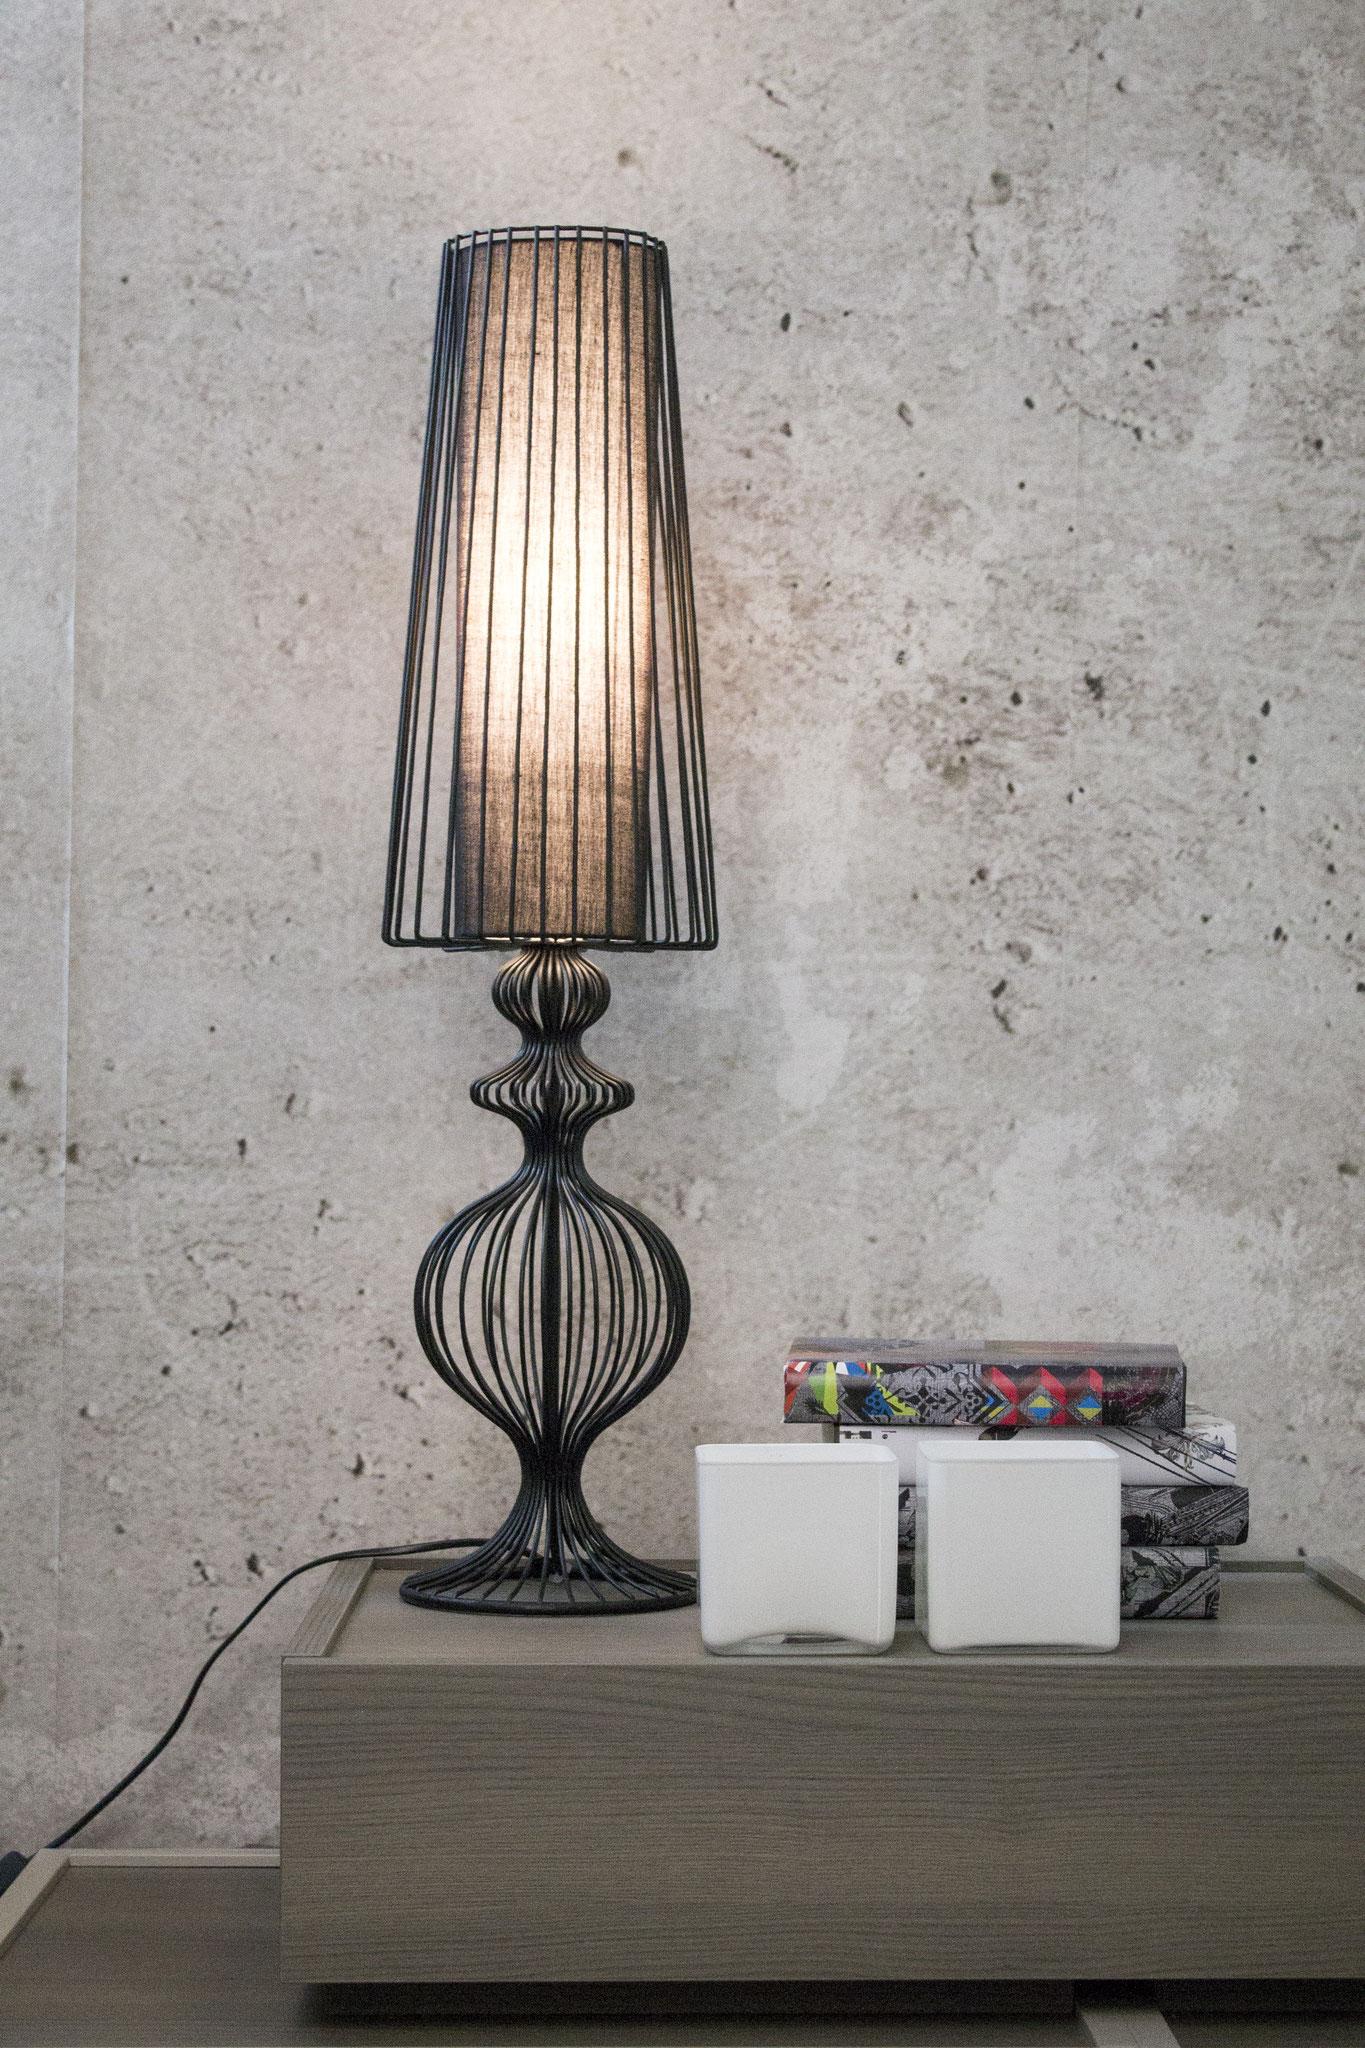 € 165,00 LAMPADA FILE STYLE ADRIANI E ROSSI ALTEZZA 76 cm, PROFONDITA' 20 cm